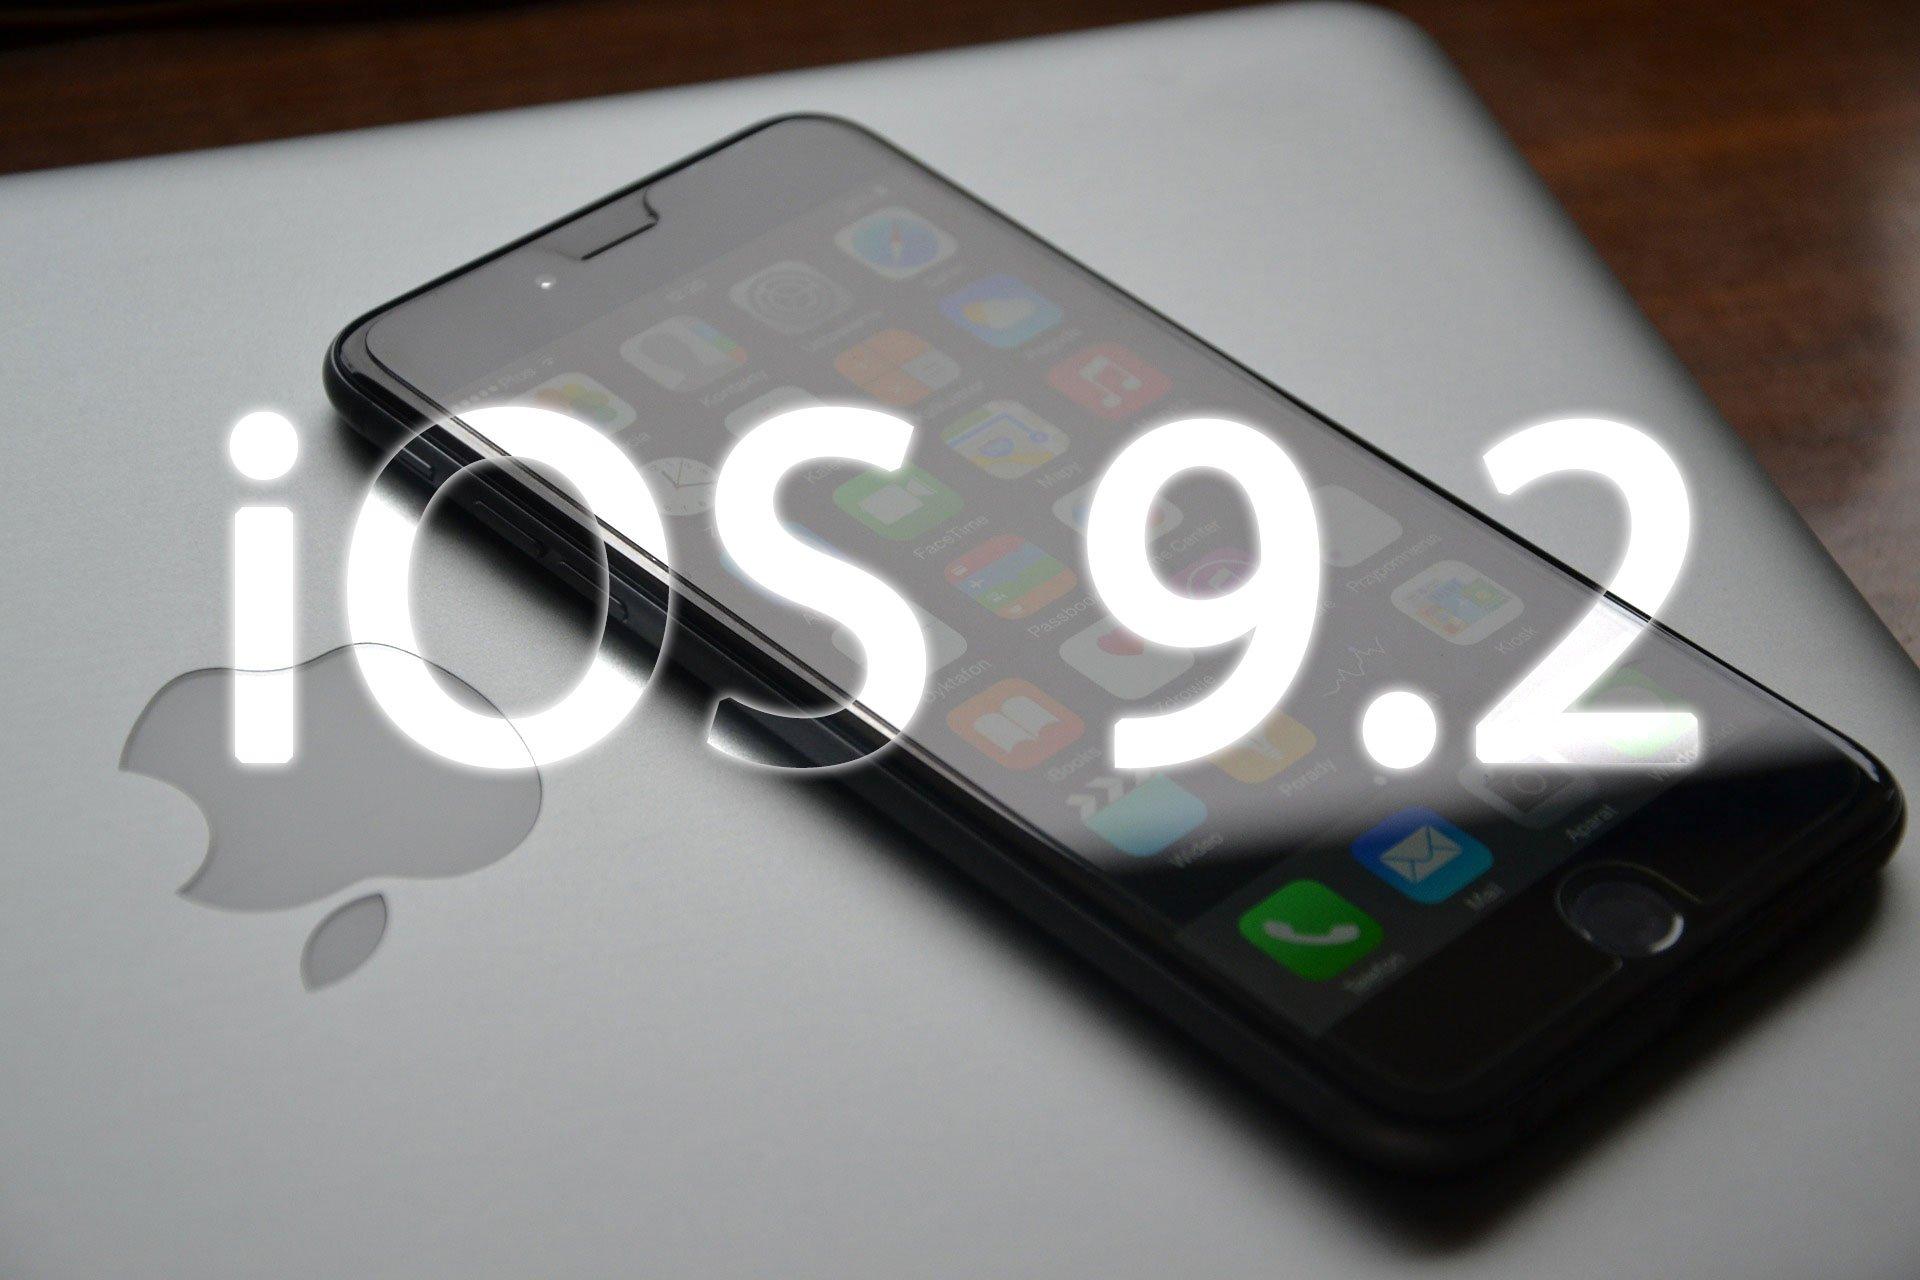 iOS 9.2 ist da: iOS 9.2 Update für iPhone & Co. zum Download erhältlich 1